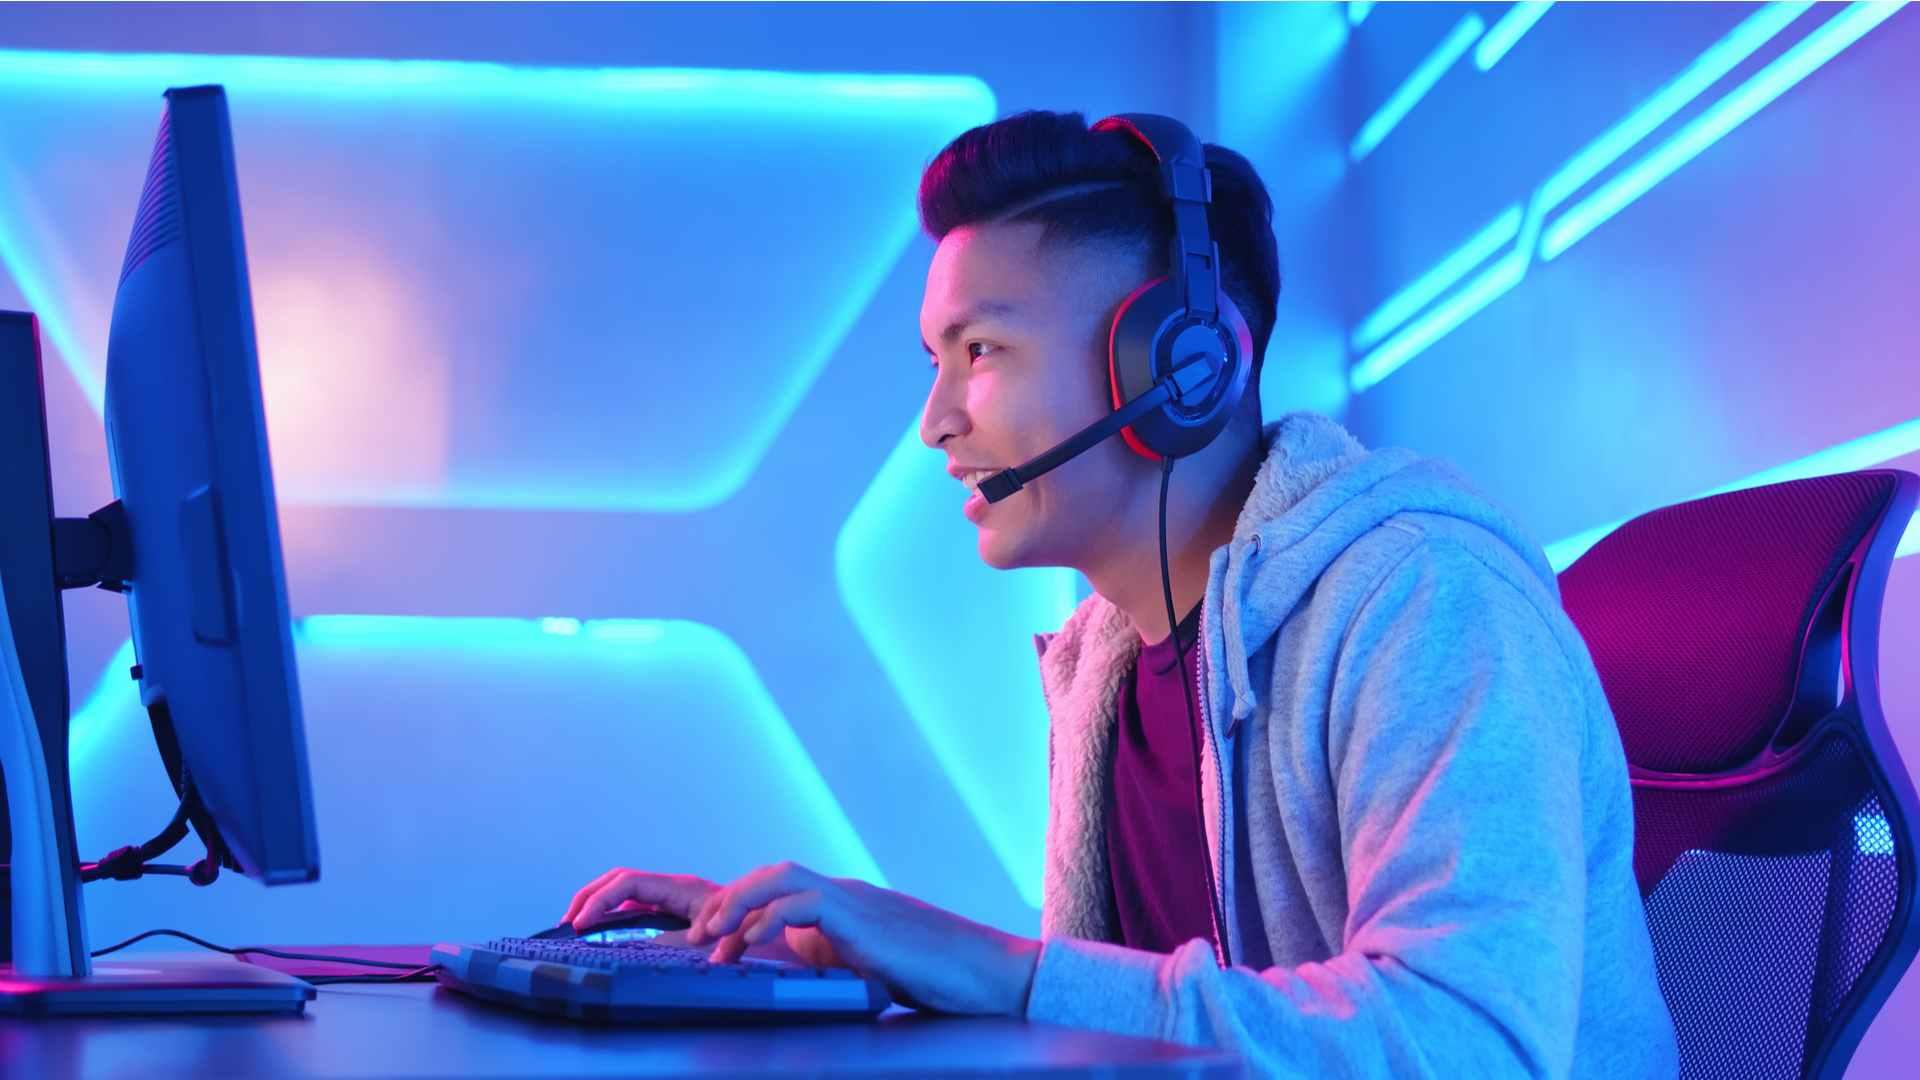 Pessoa jogando no computador usando um headset